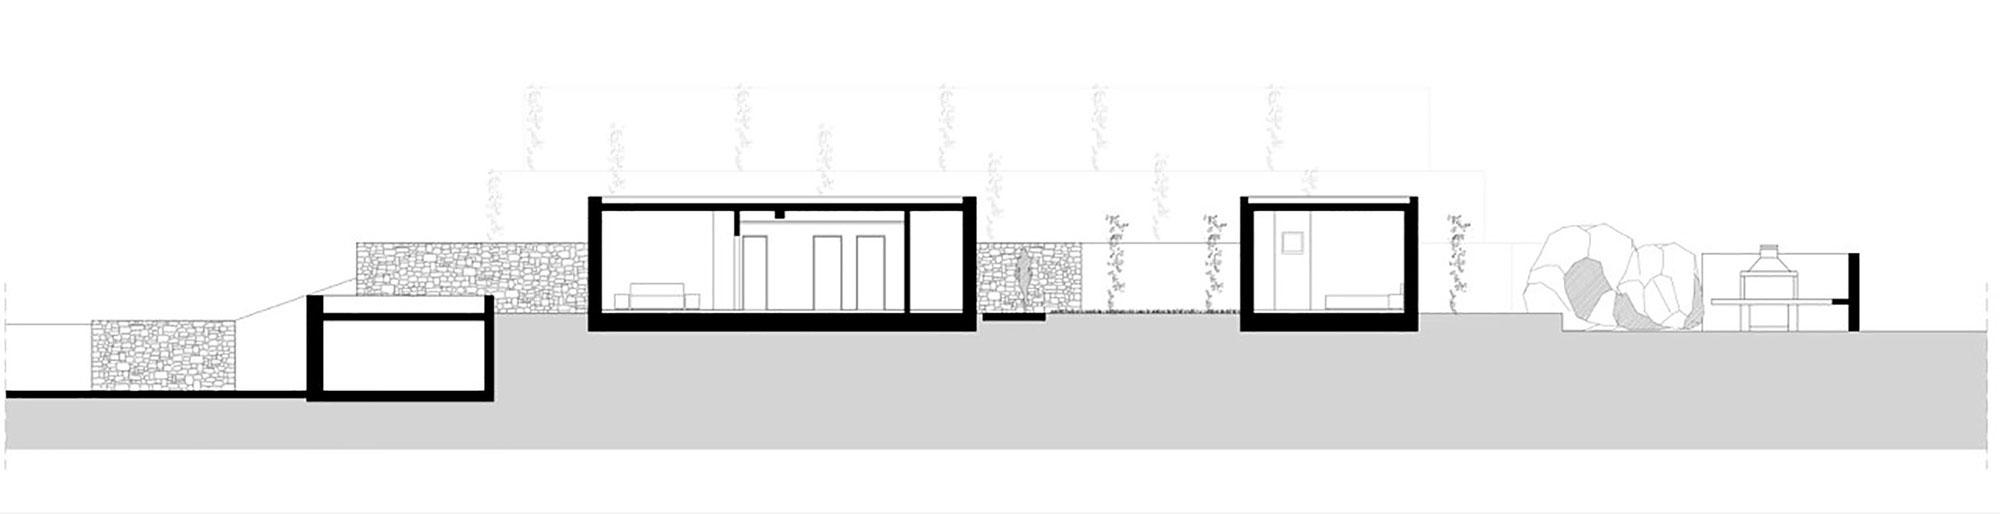 Melana Residence by Valia Foufa & Panagiotis Papassotiriou-22